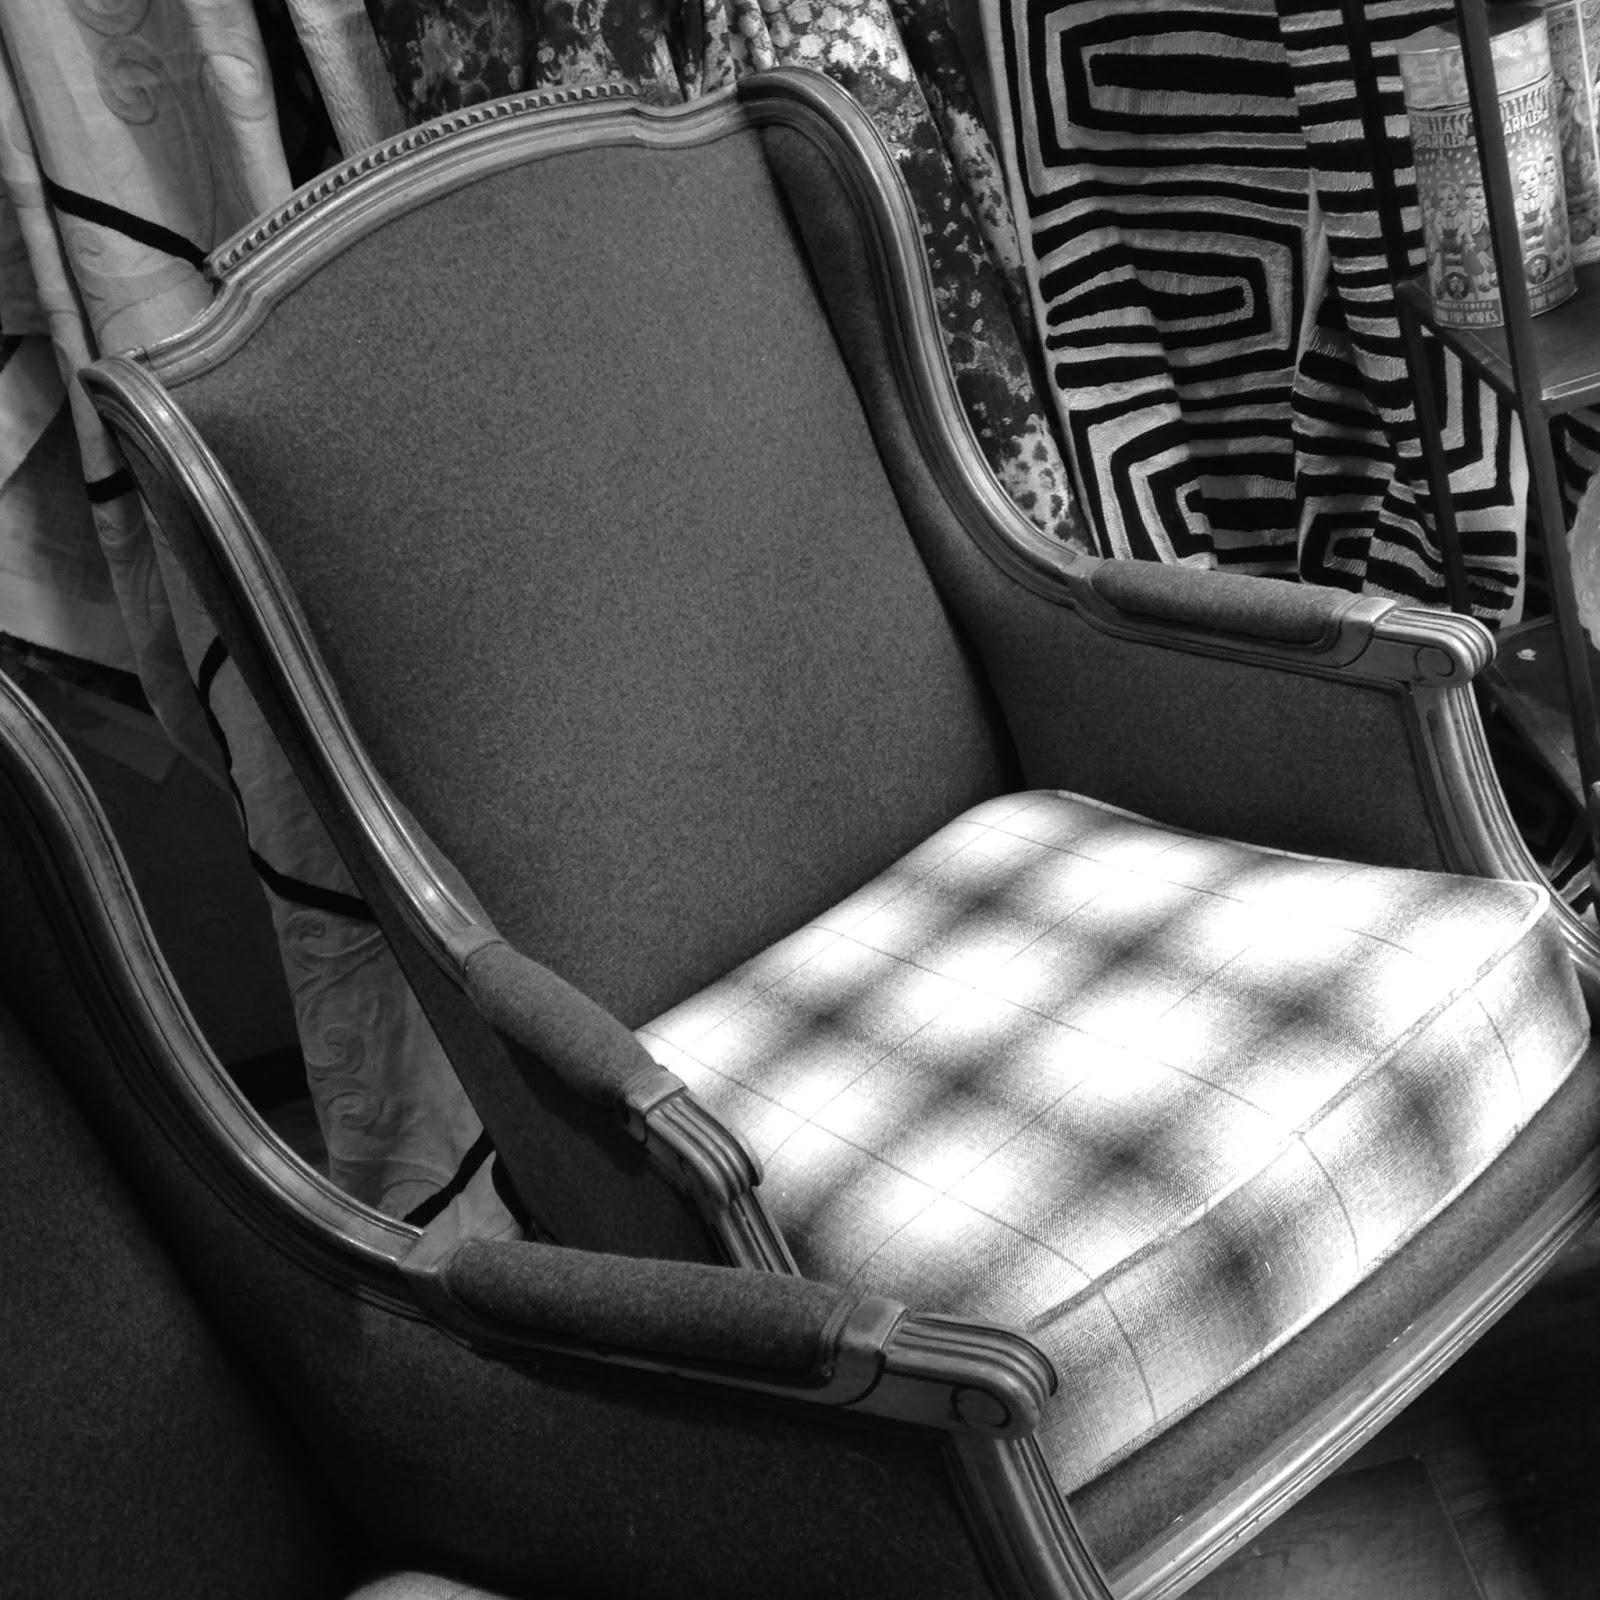 atelier anne lavit artisan tapissier d corateur 69007 lyon paire de berg res. Black Bedroom Furniture Sets. Home Design Ideas